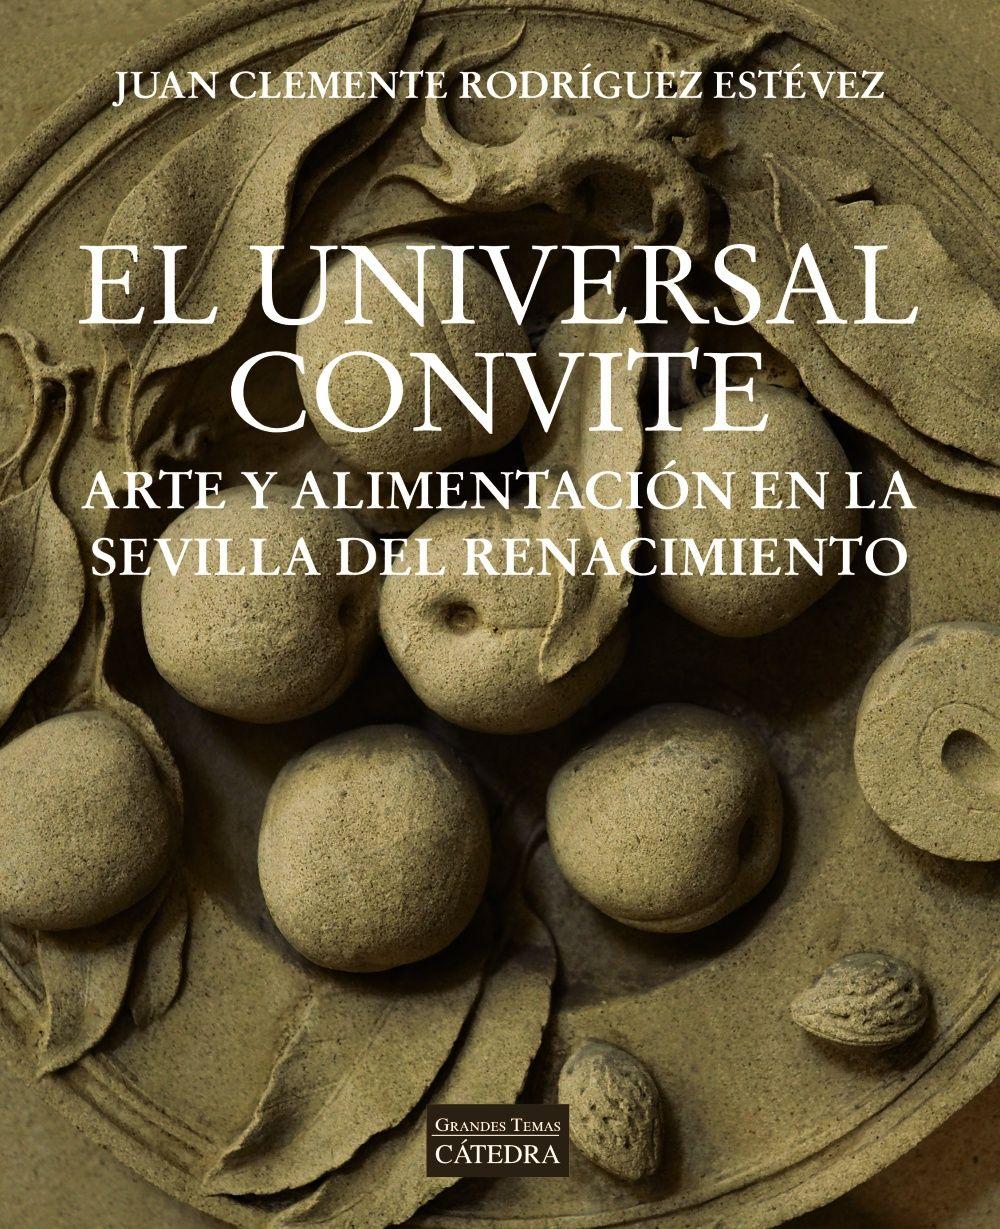 UNIVERSAL CONVITE EL